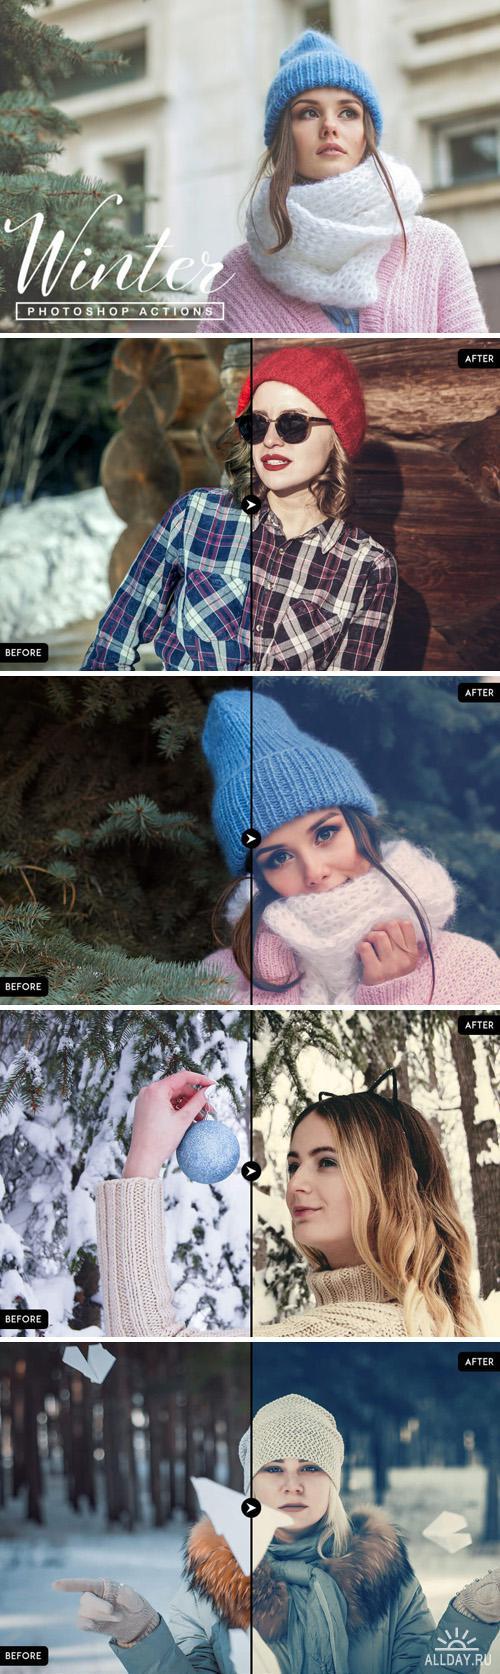 70 WINTER PHOTOSHOP ACTIONS BUNDLE